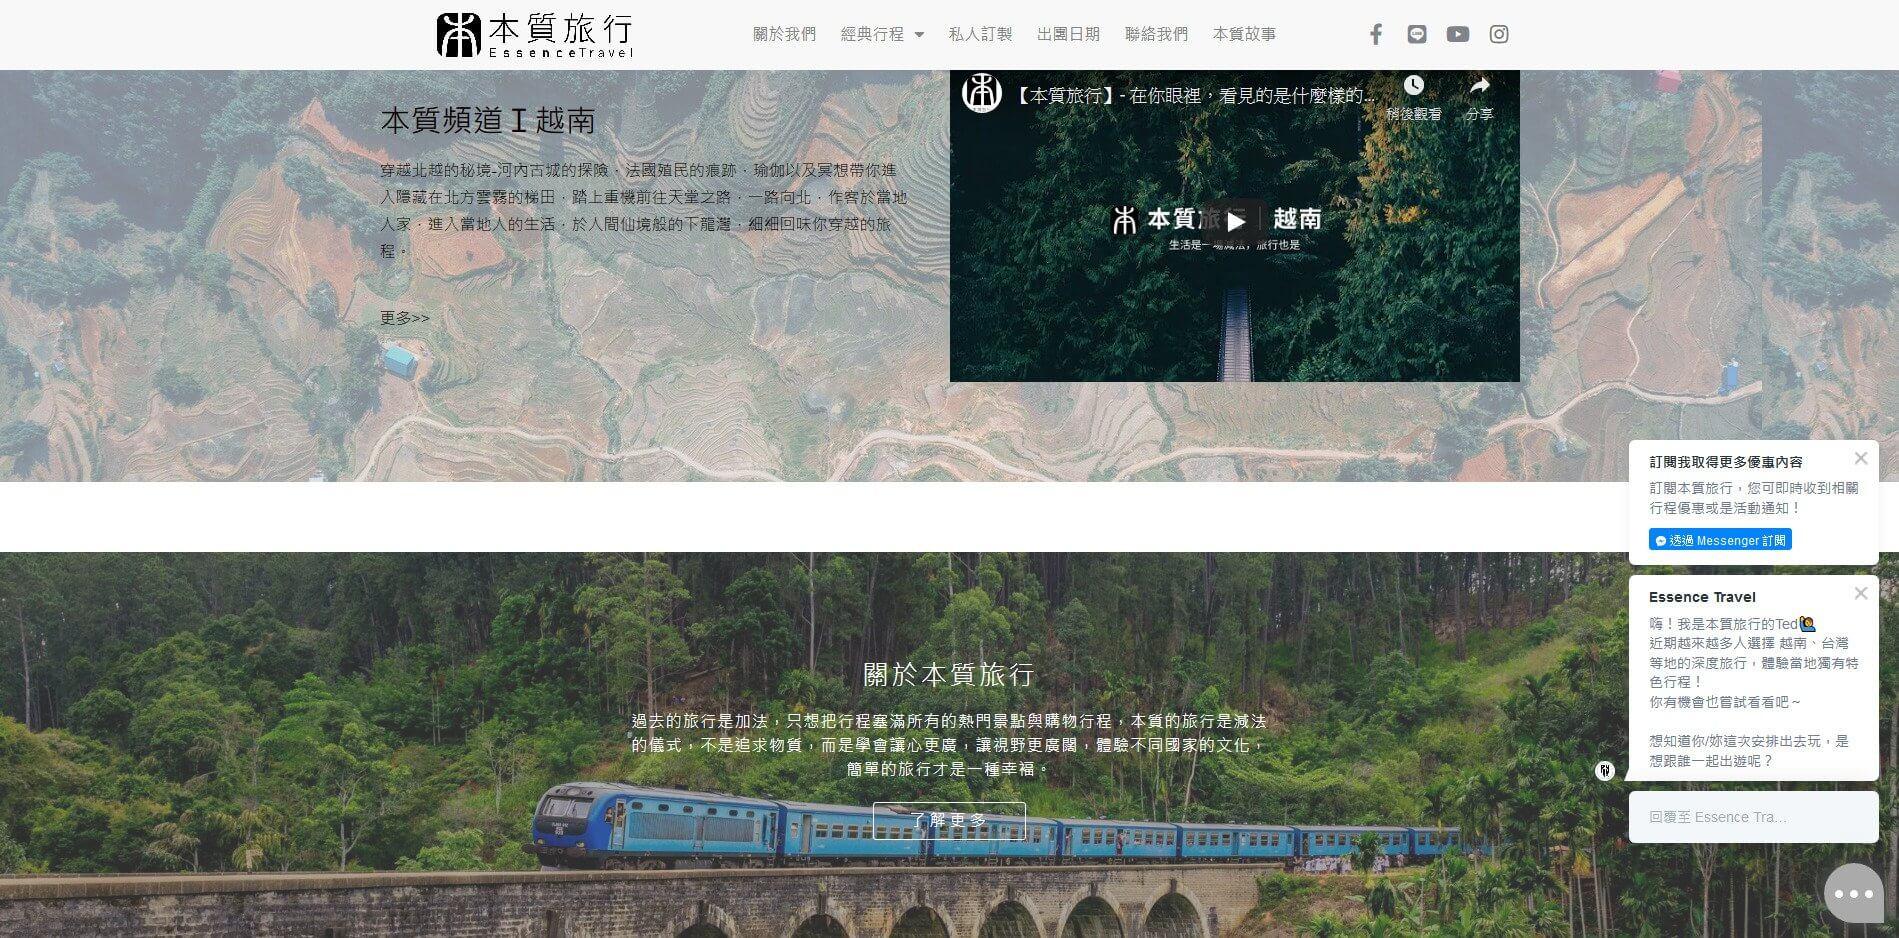 本質旅行 Essence Travel|越南、斯里蘭卡、尼泊爾,中文客製旅行專家(2)